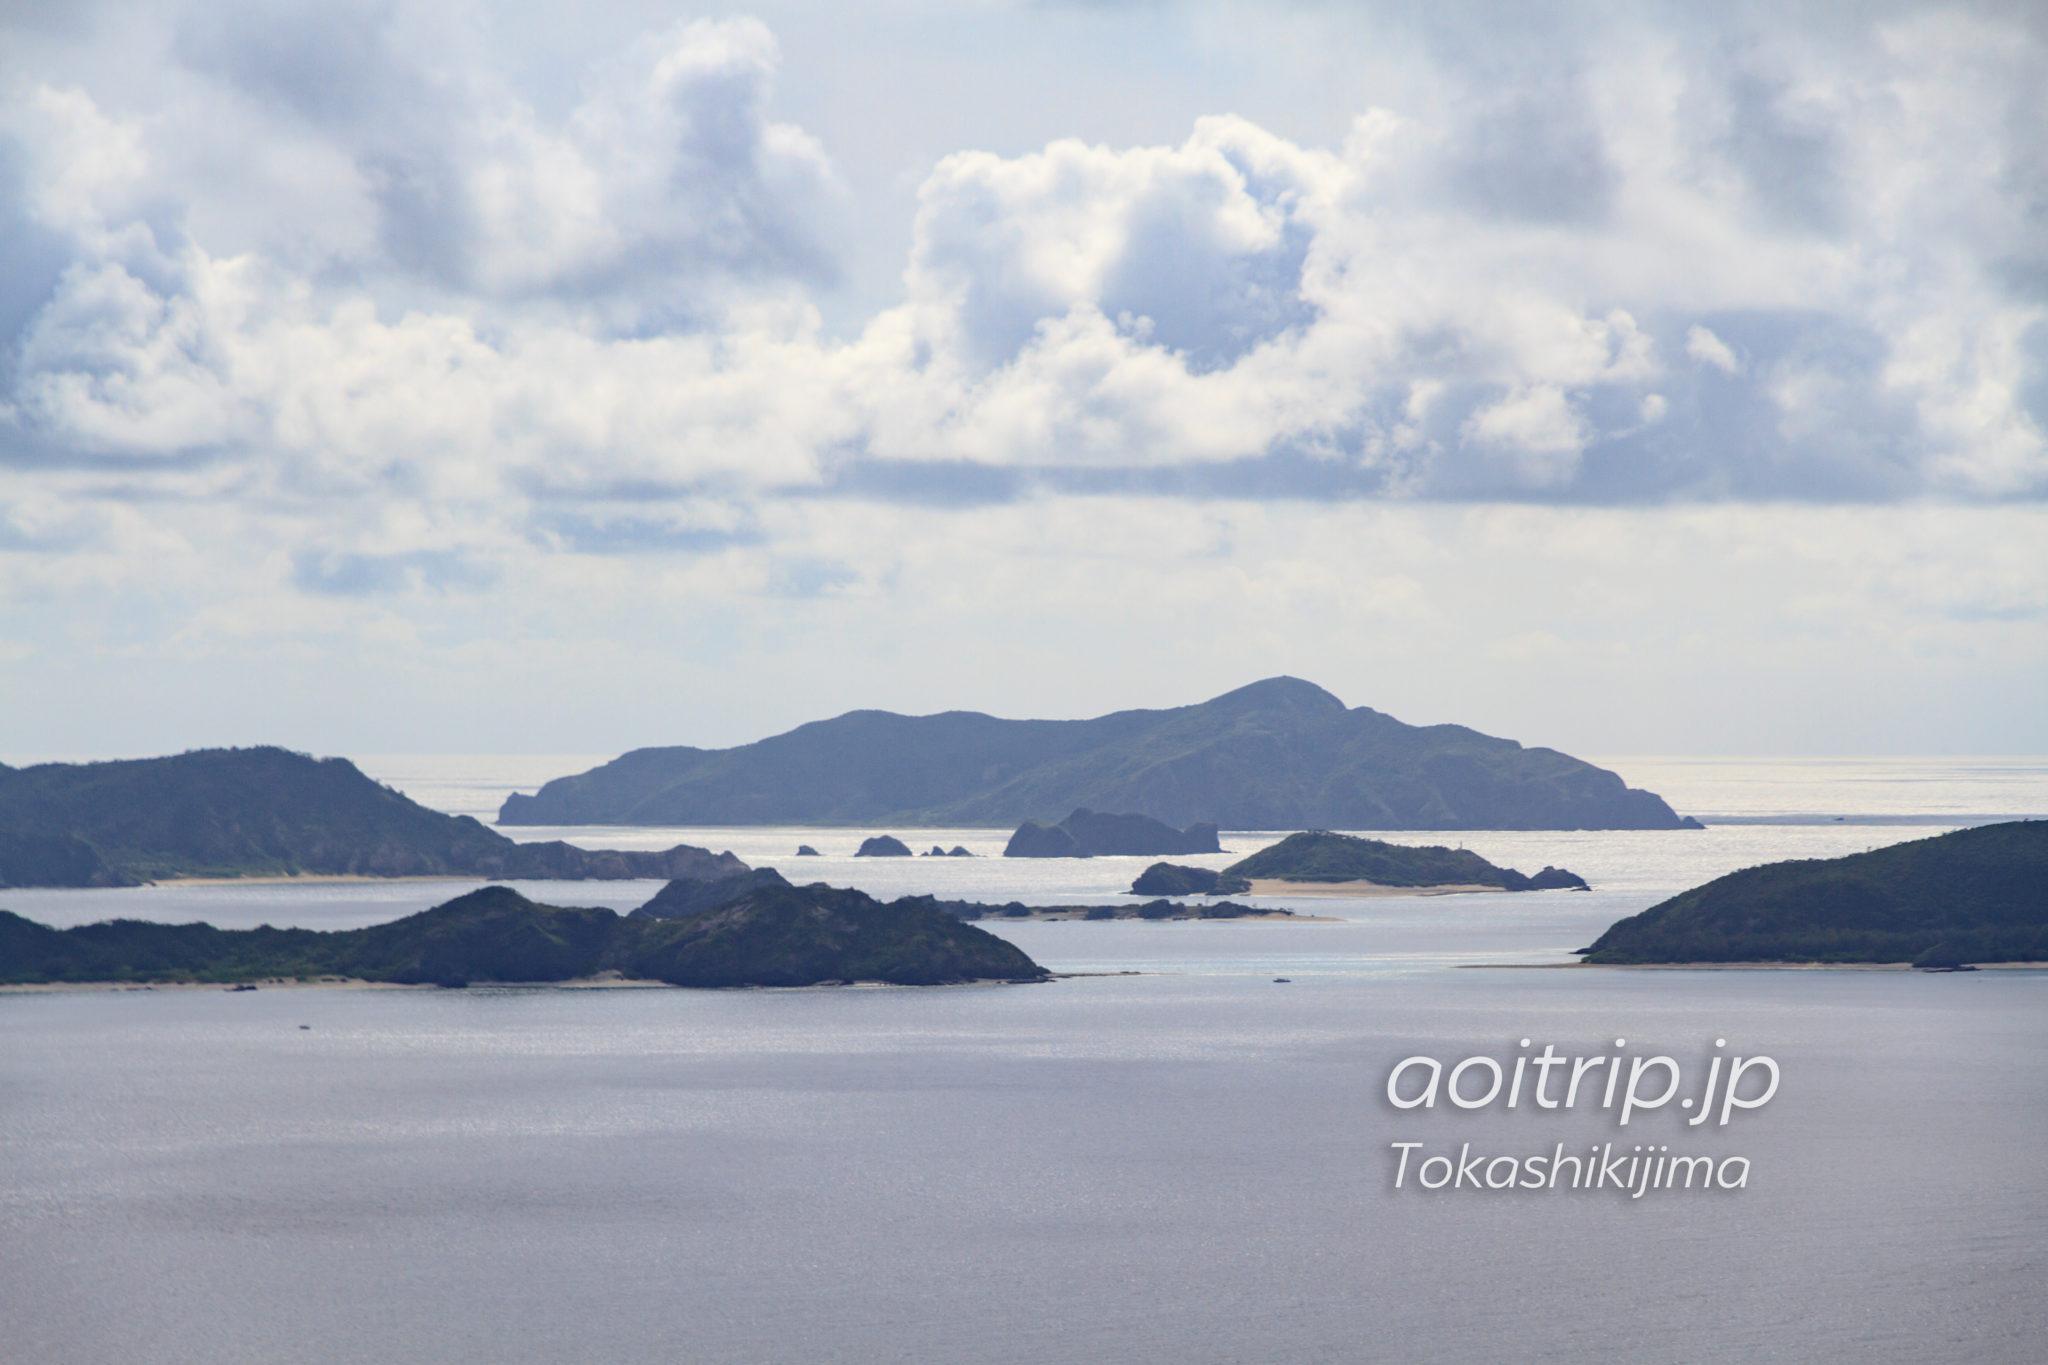 渡嘉敷島 赤間山展望台